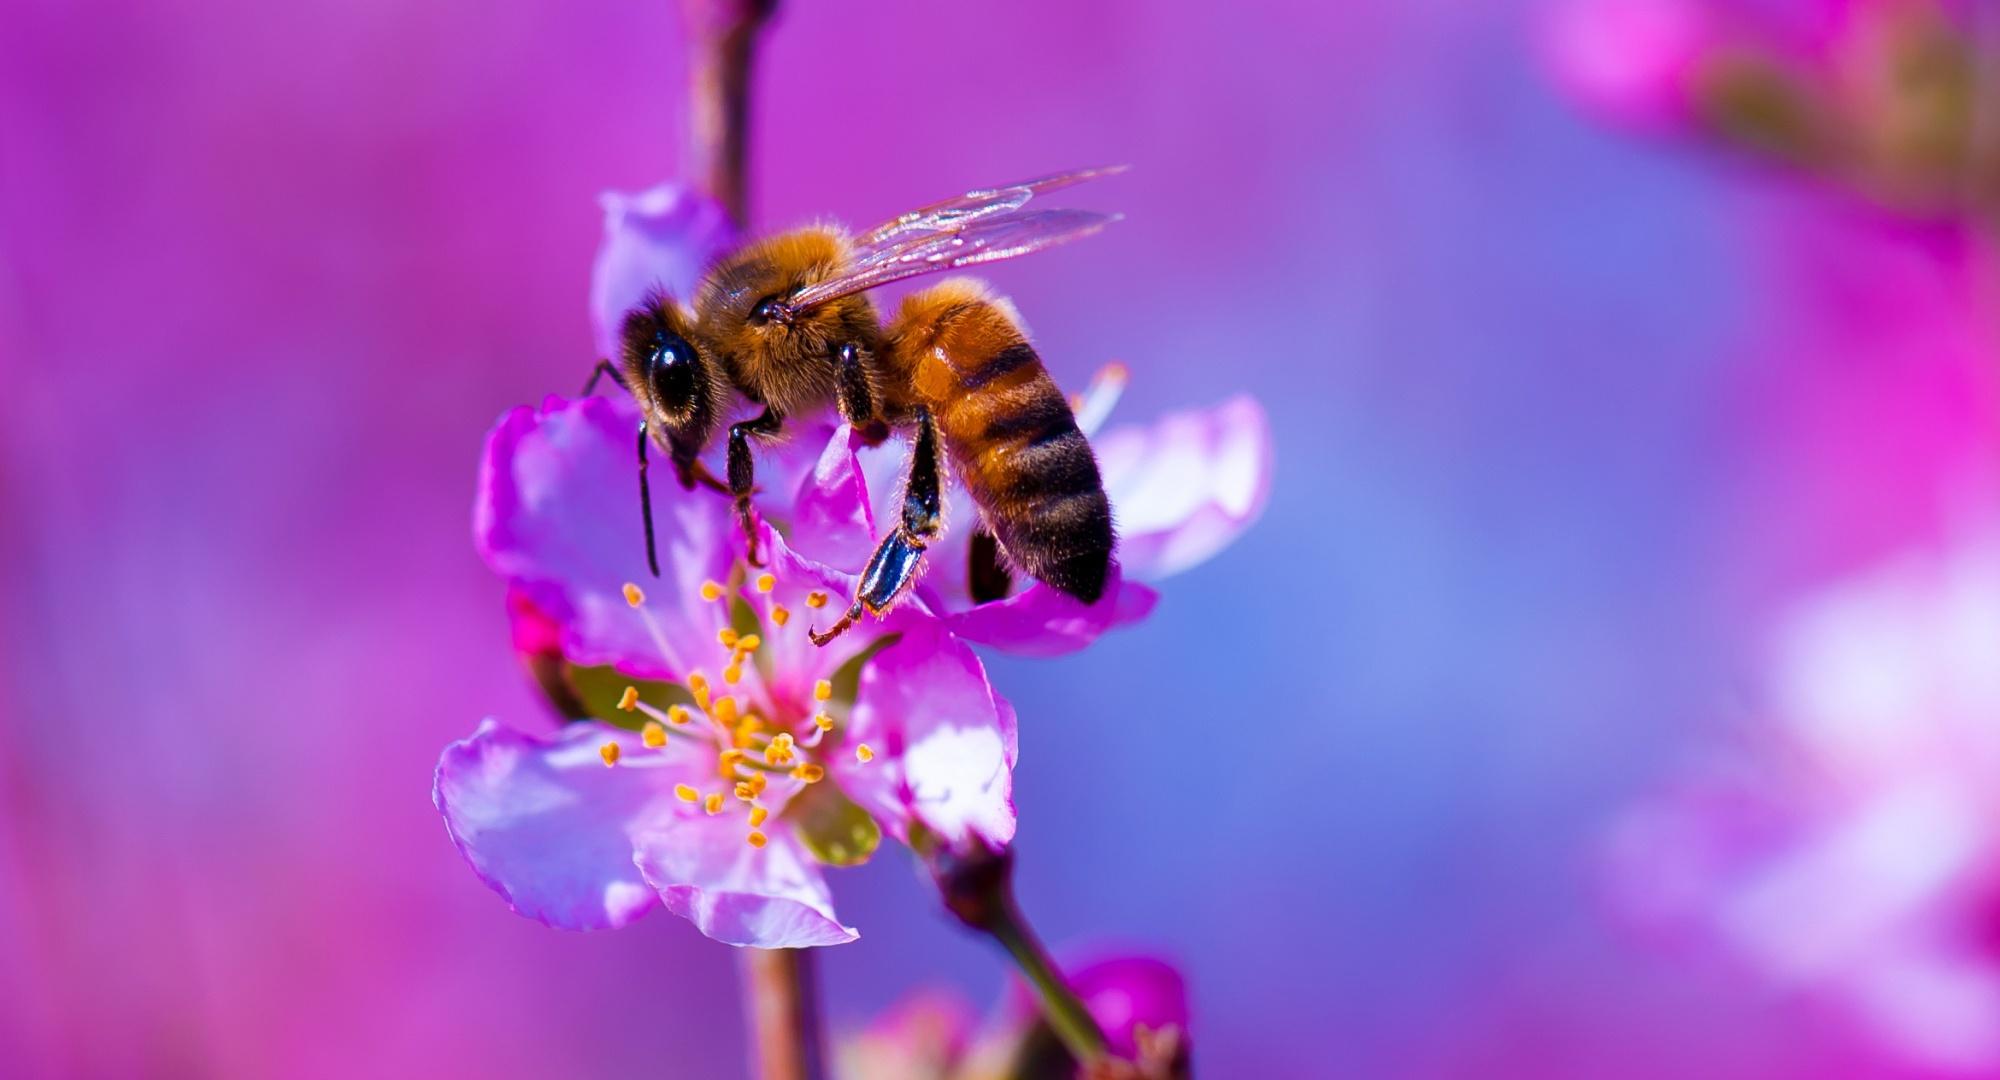 макро одуванчик животное насекомое пчела цветы природа  № 3007261 загрузить